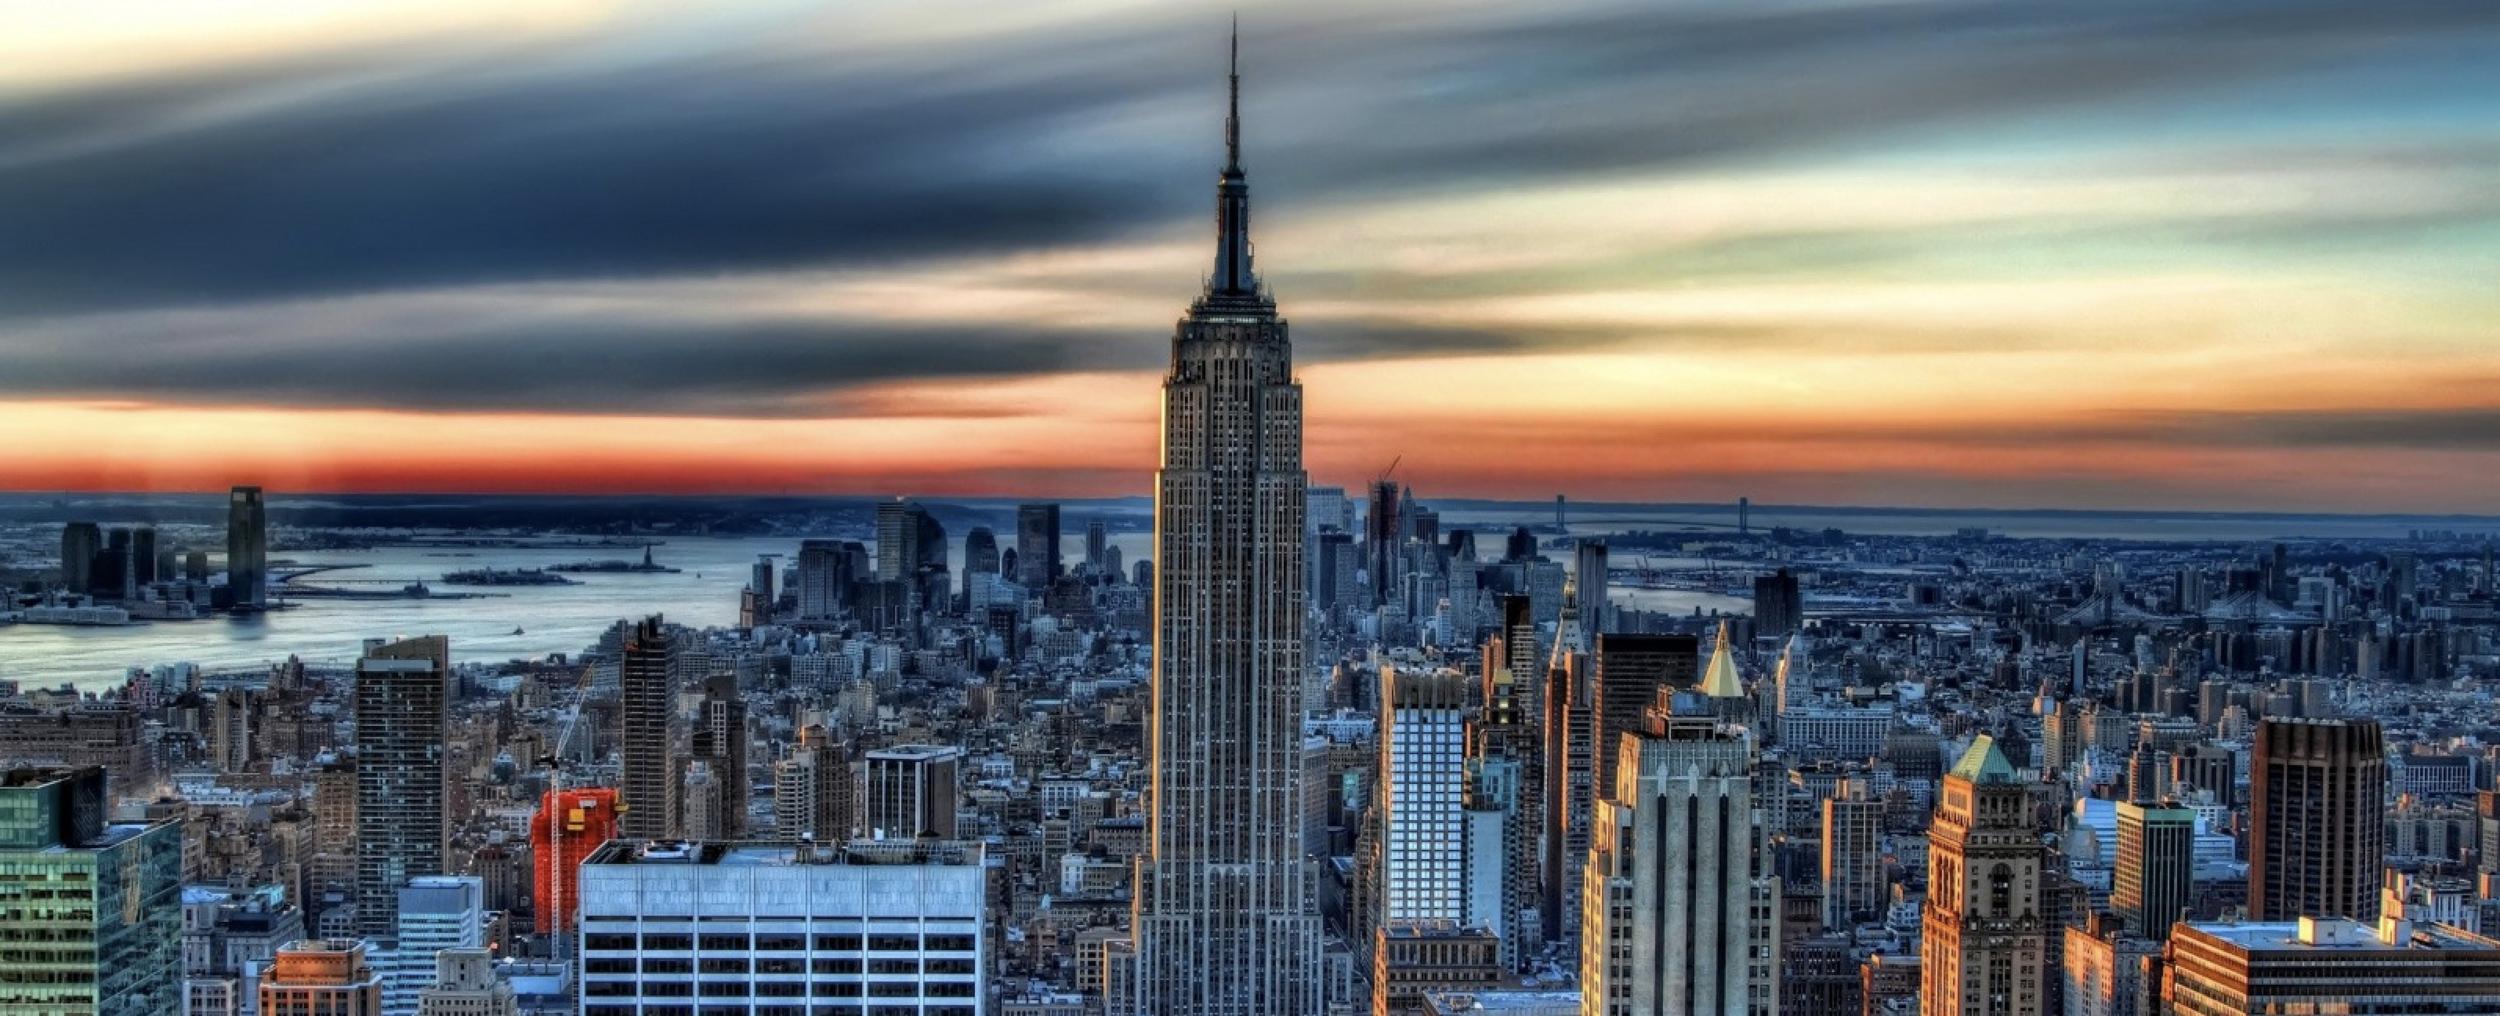 New York, NY -